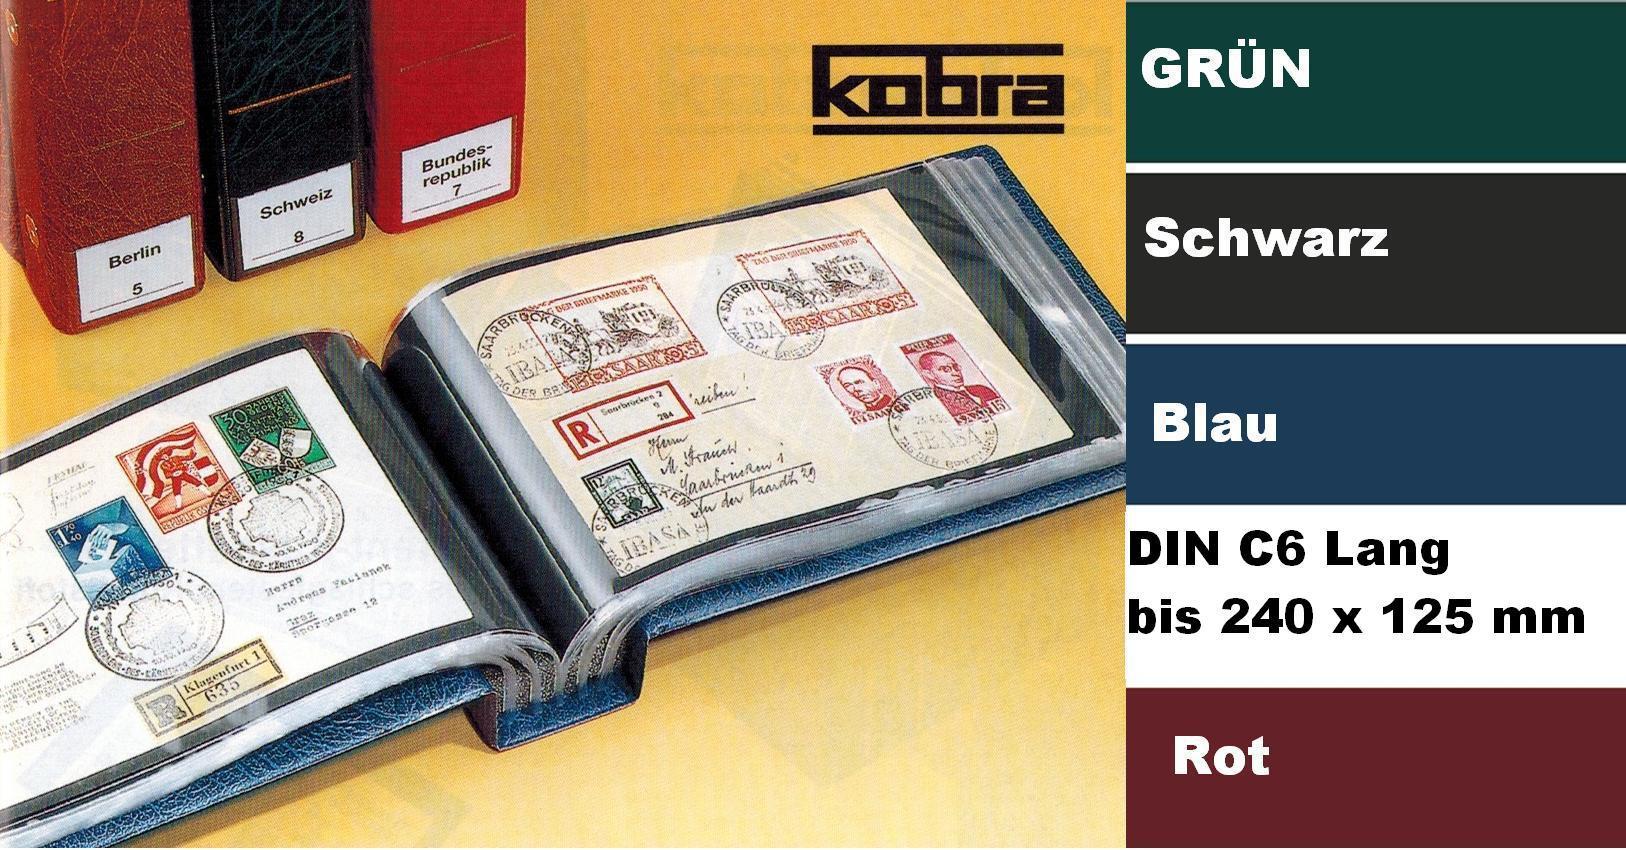 G19K schwarz KOBRA-Schutzkassette Nr